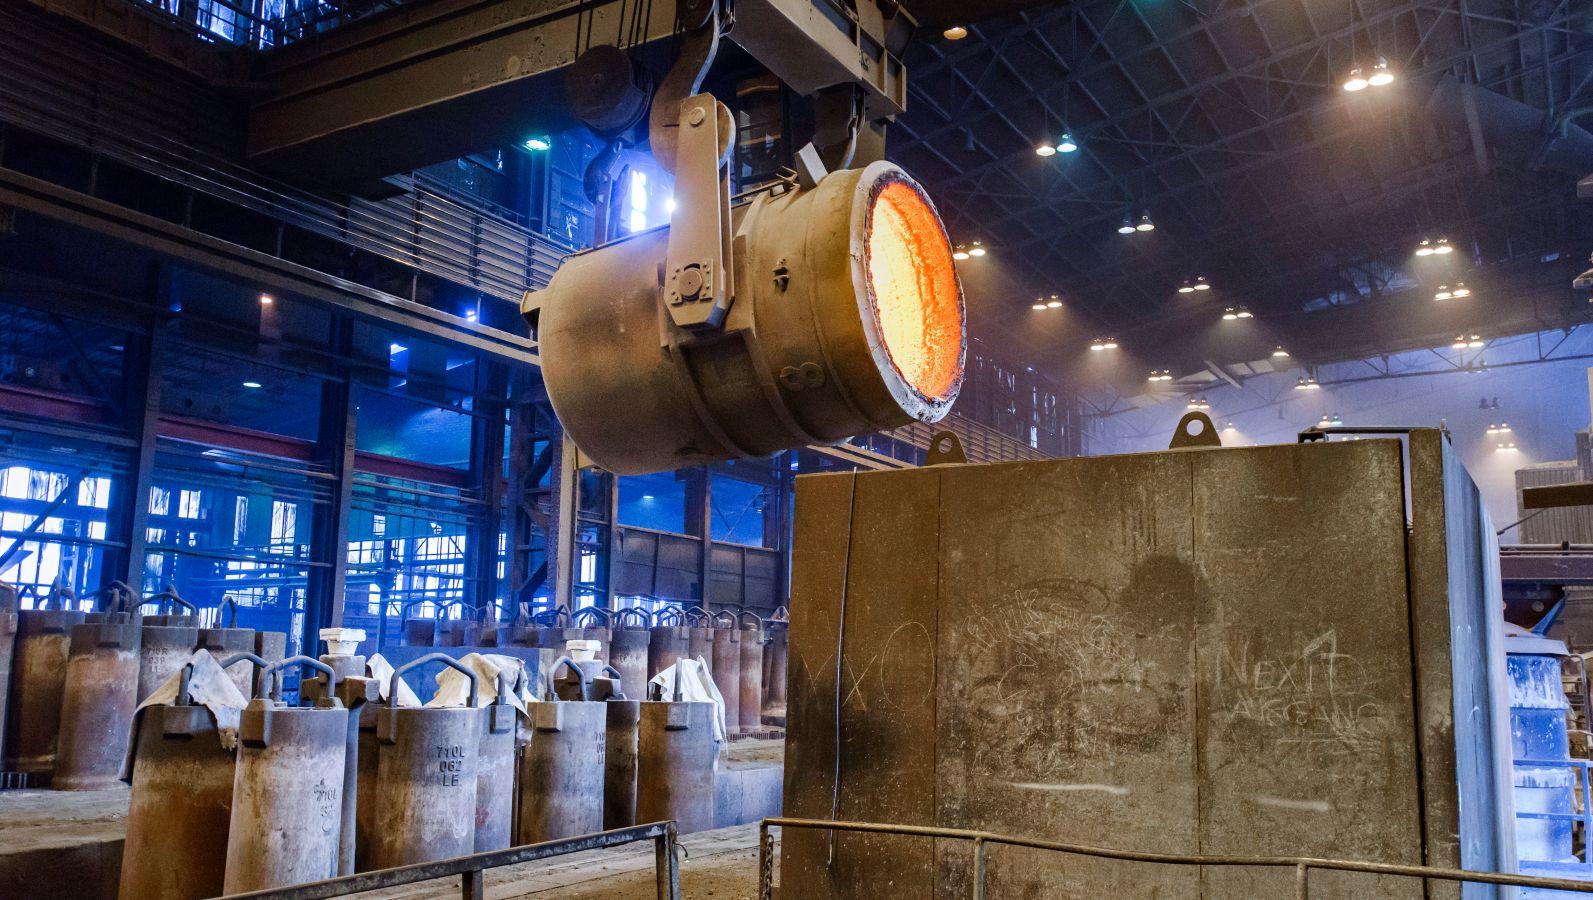 Bei der Sekundärstahlerzeugung wird Stahlschrott aufgeschmolzen und neu in Form gegossen.